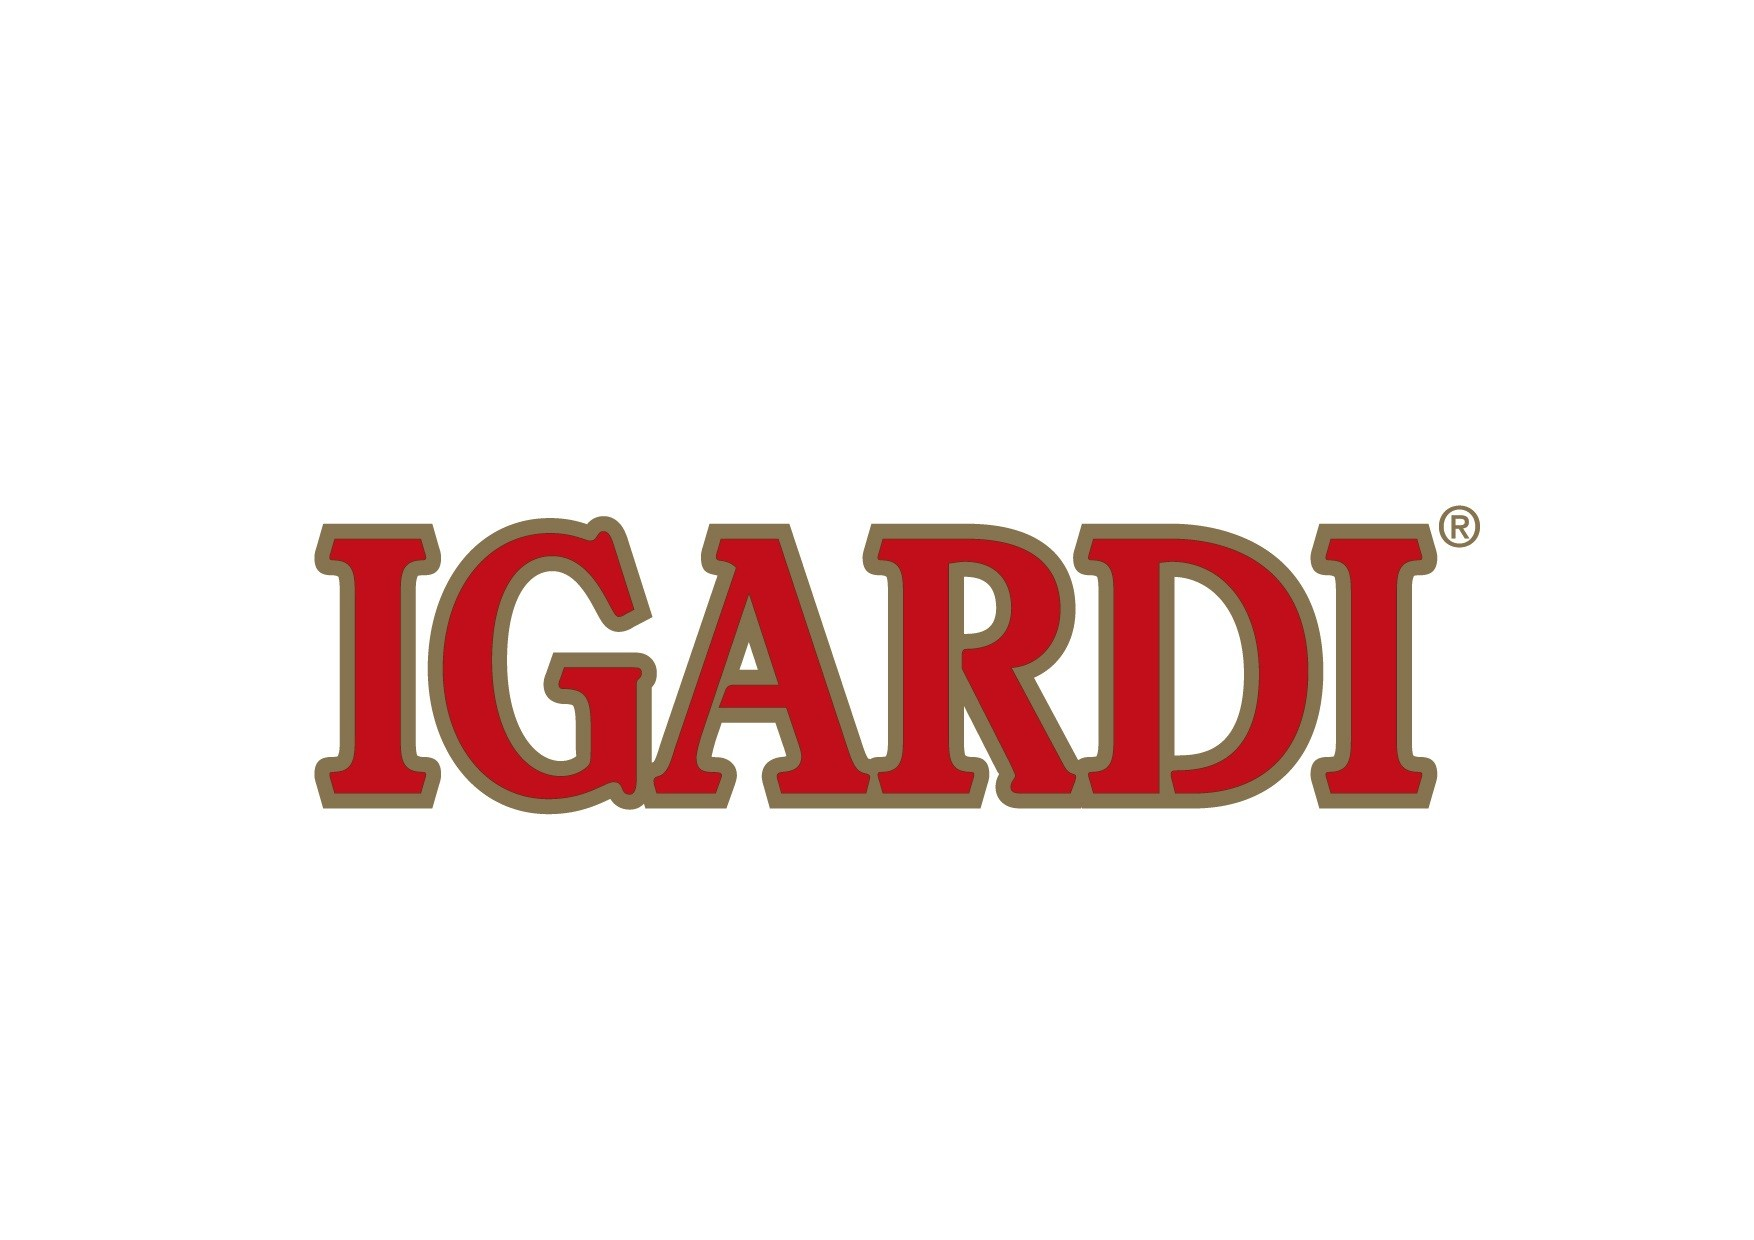 Igardi (Sangria)